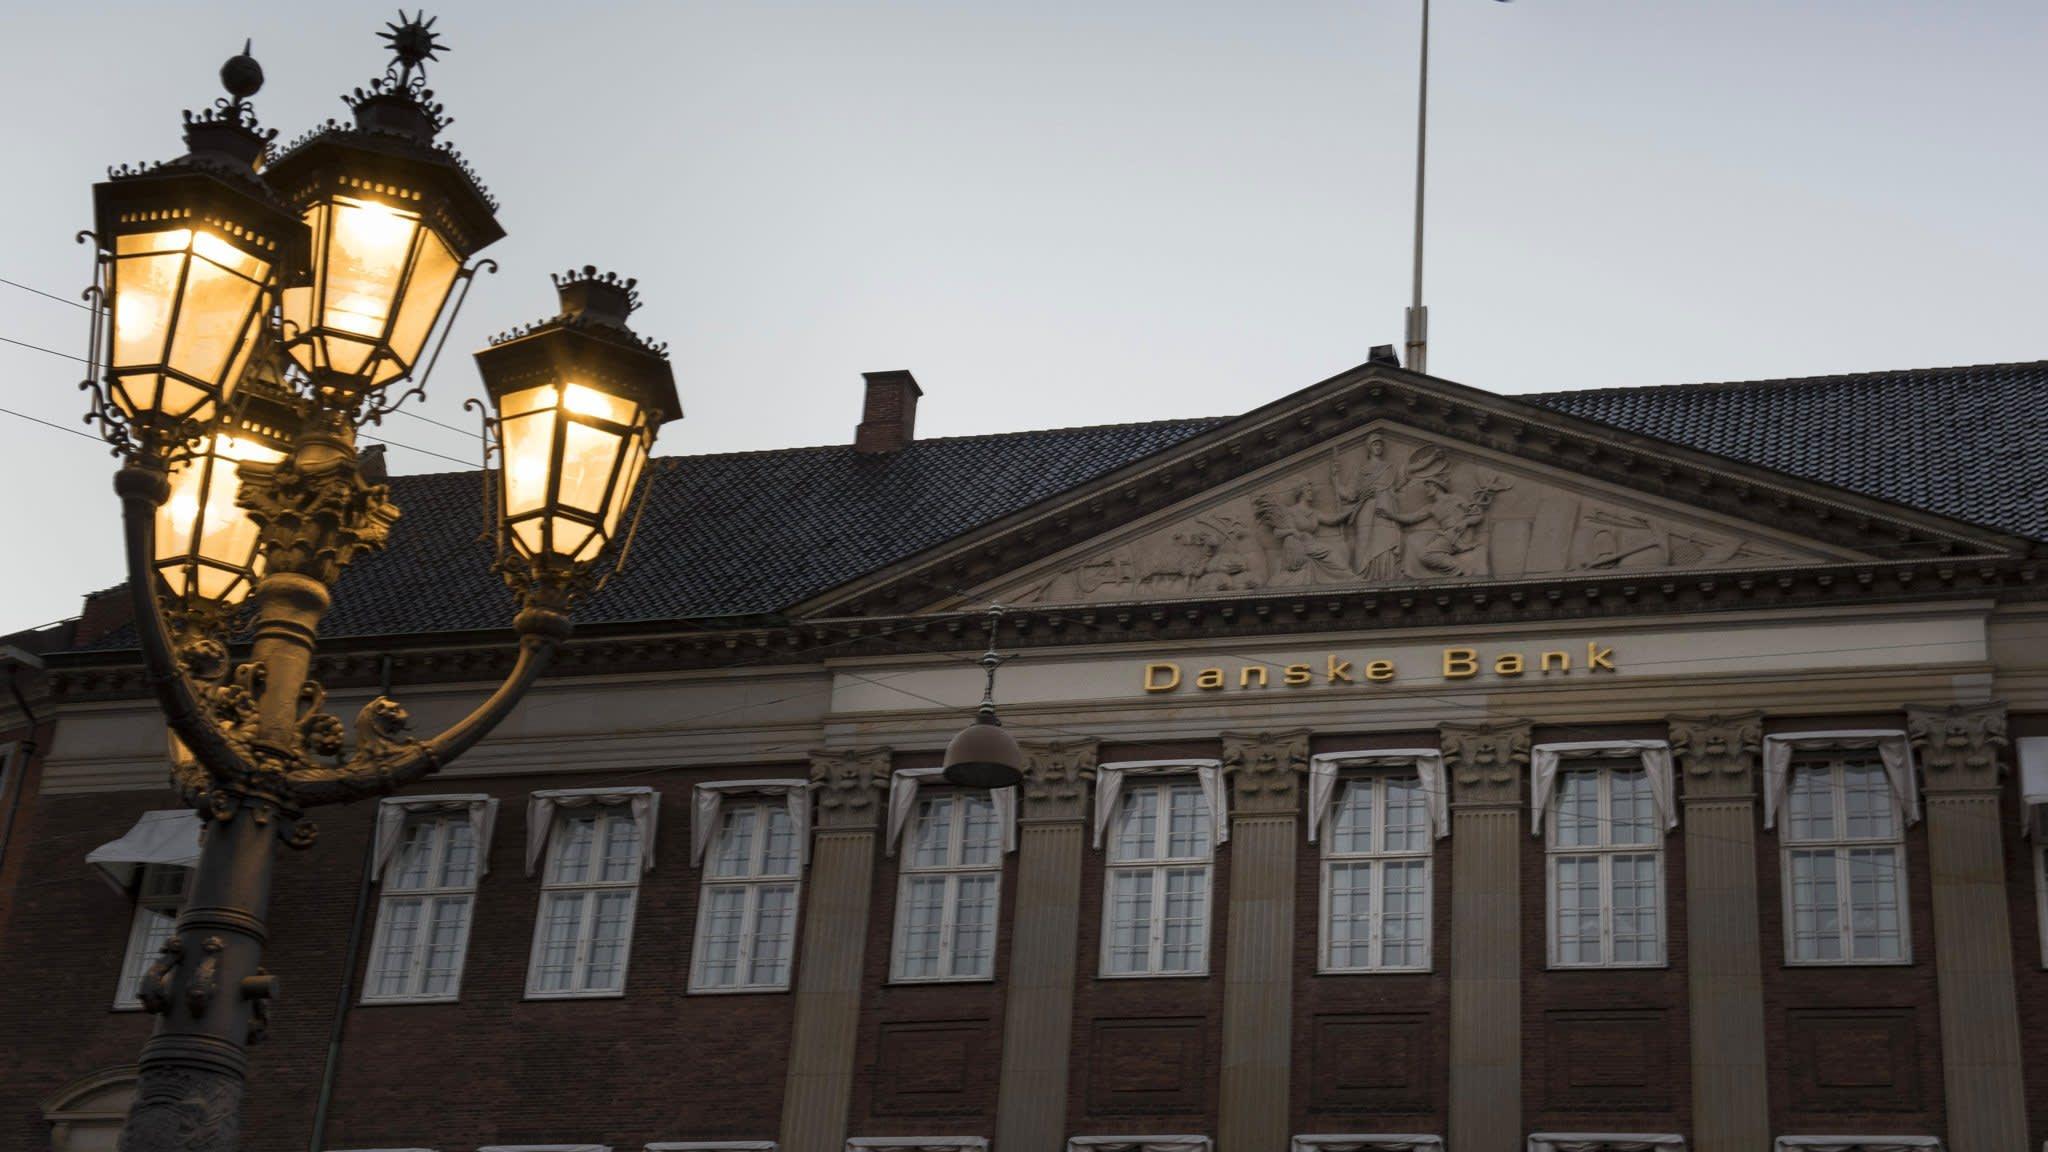 London's role in Danske dirty money scandalunder spotlight